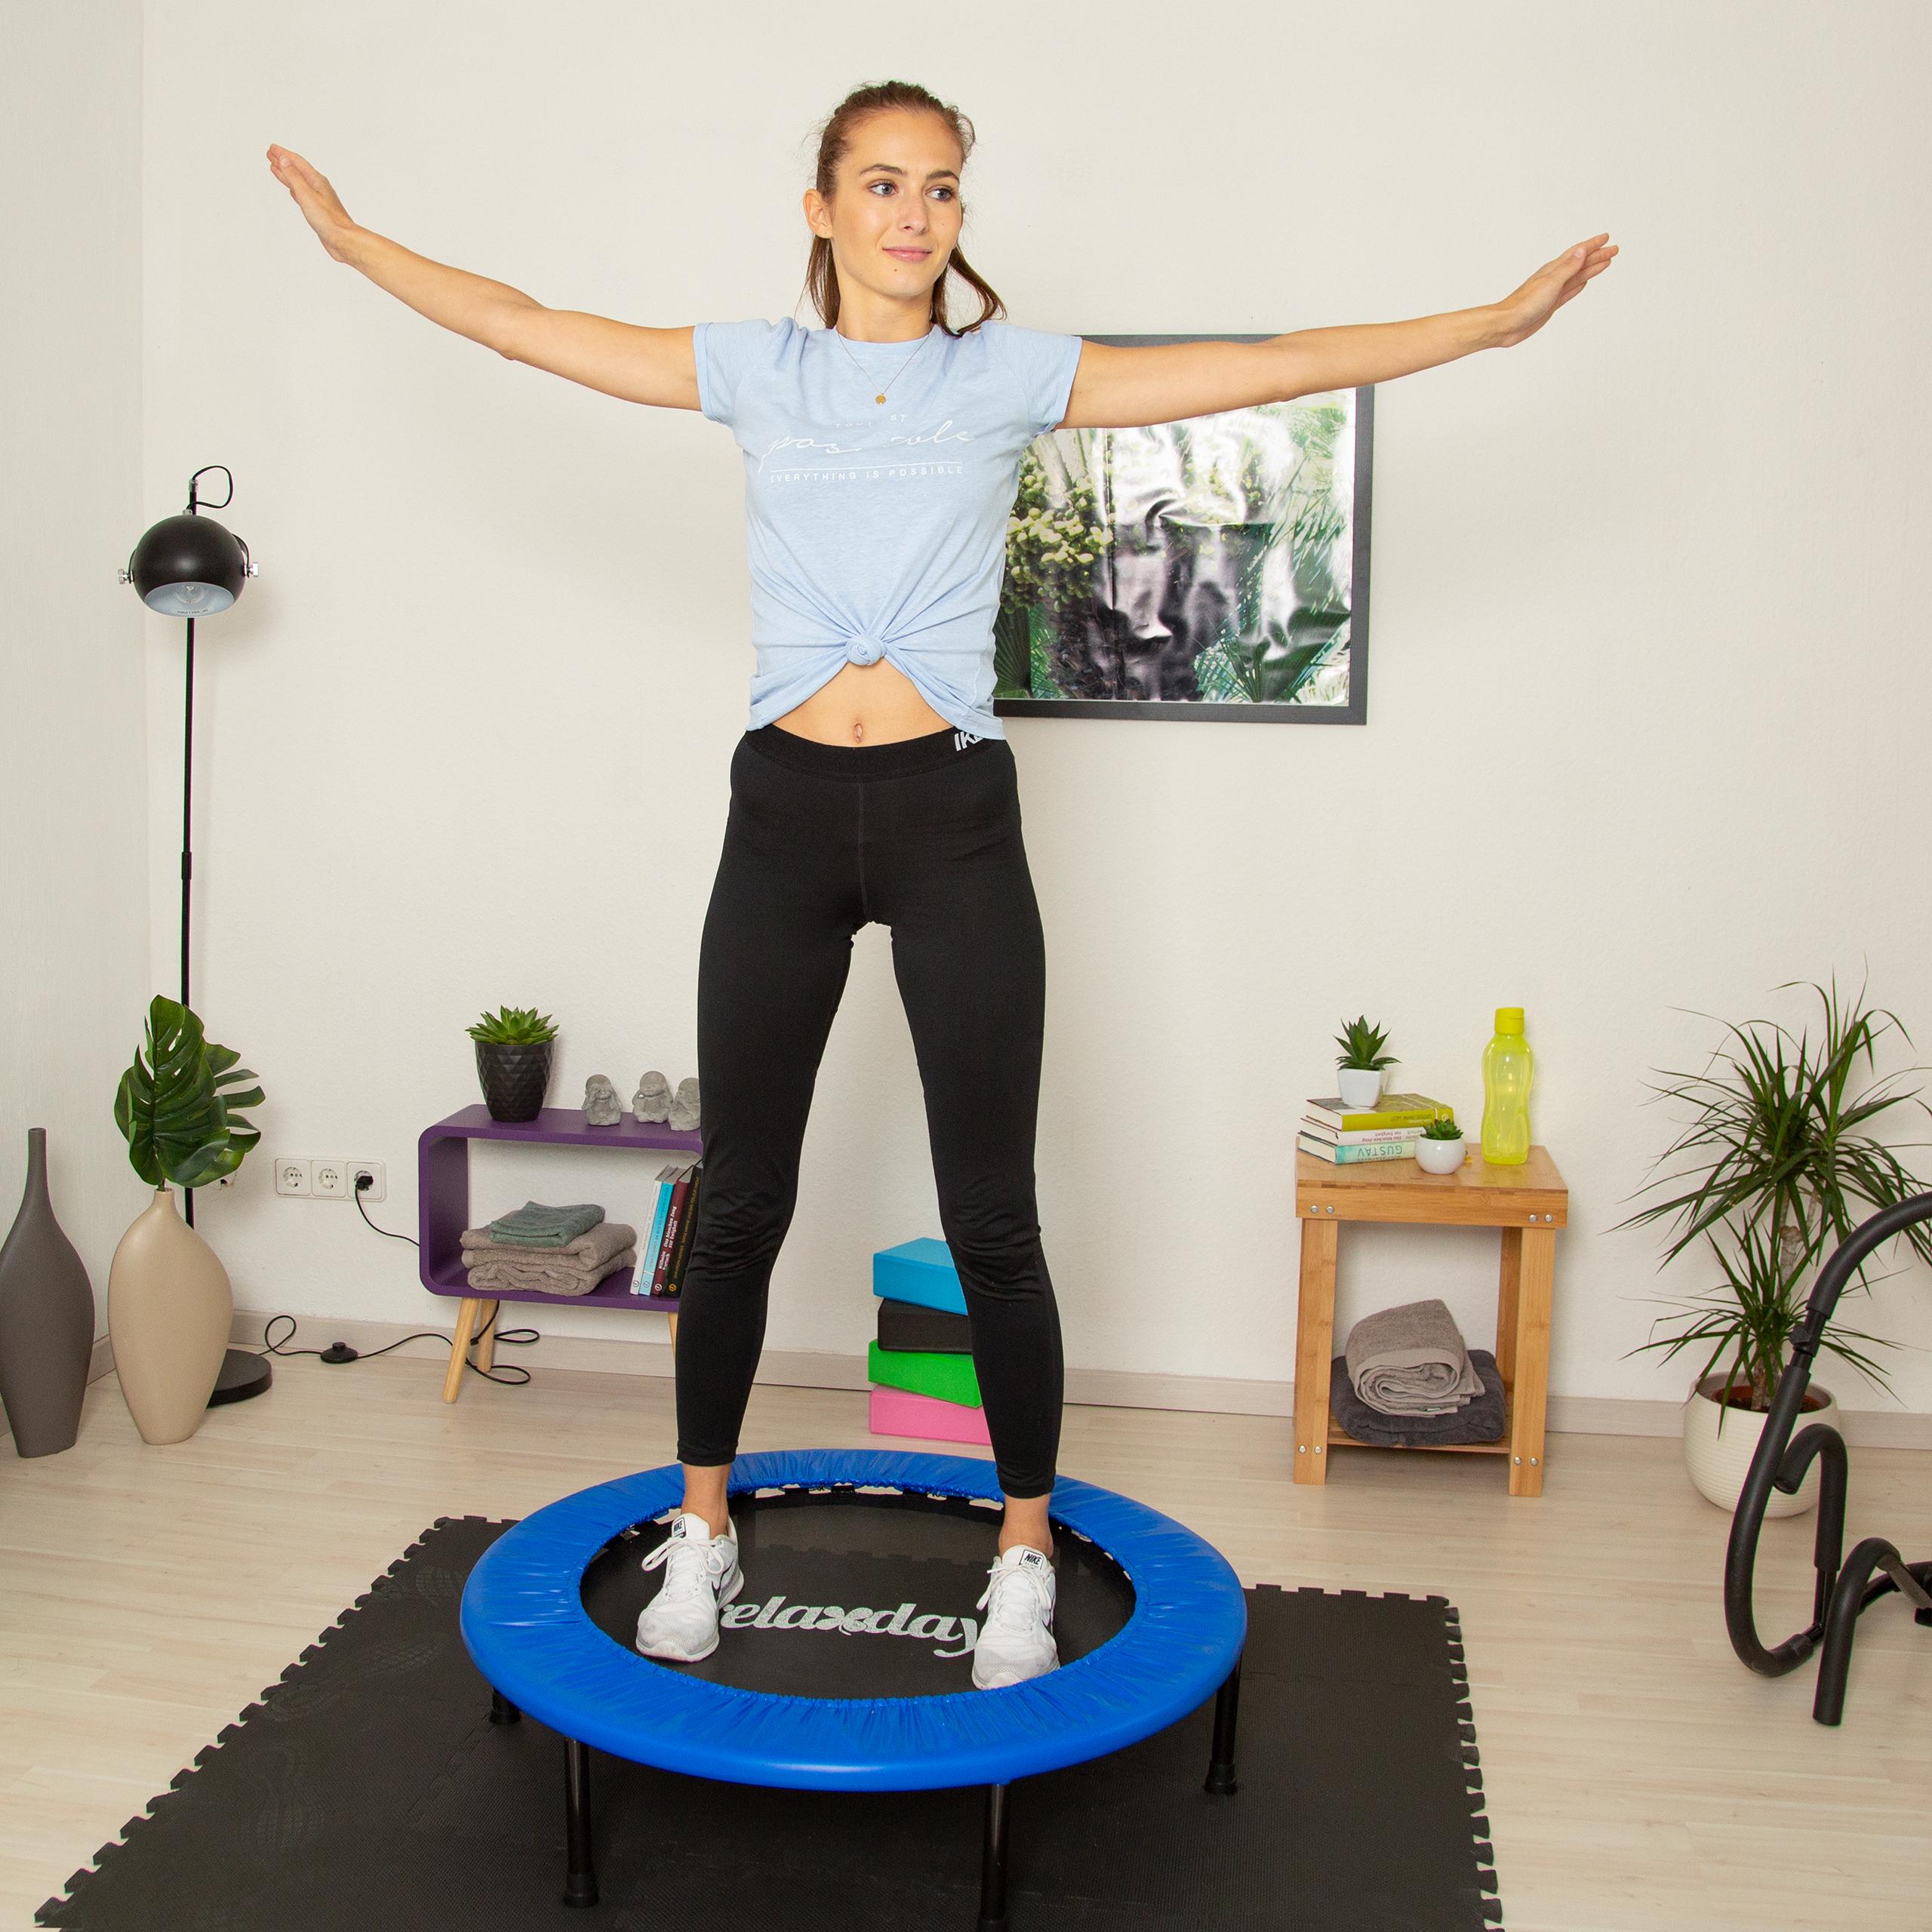 Fitness-Trampolin-Aerobic-Indoor-Fitnesstrampolin-Ausdauer-Training-bis-100-kg Indexbild 7